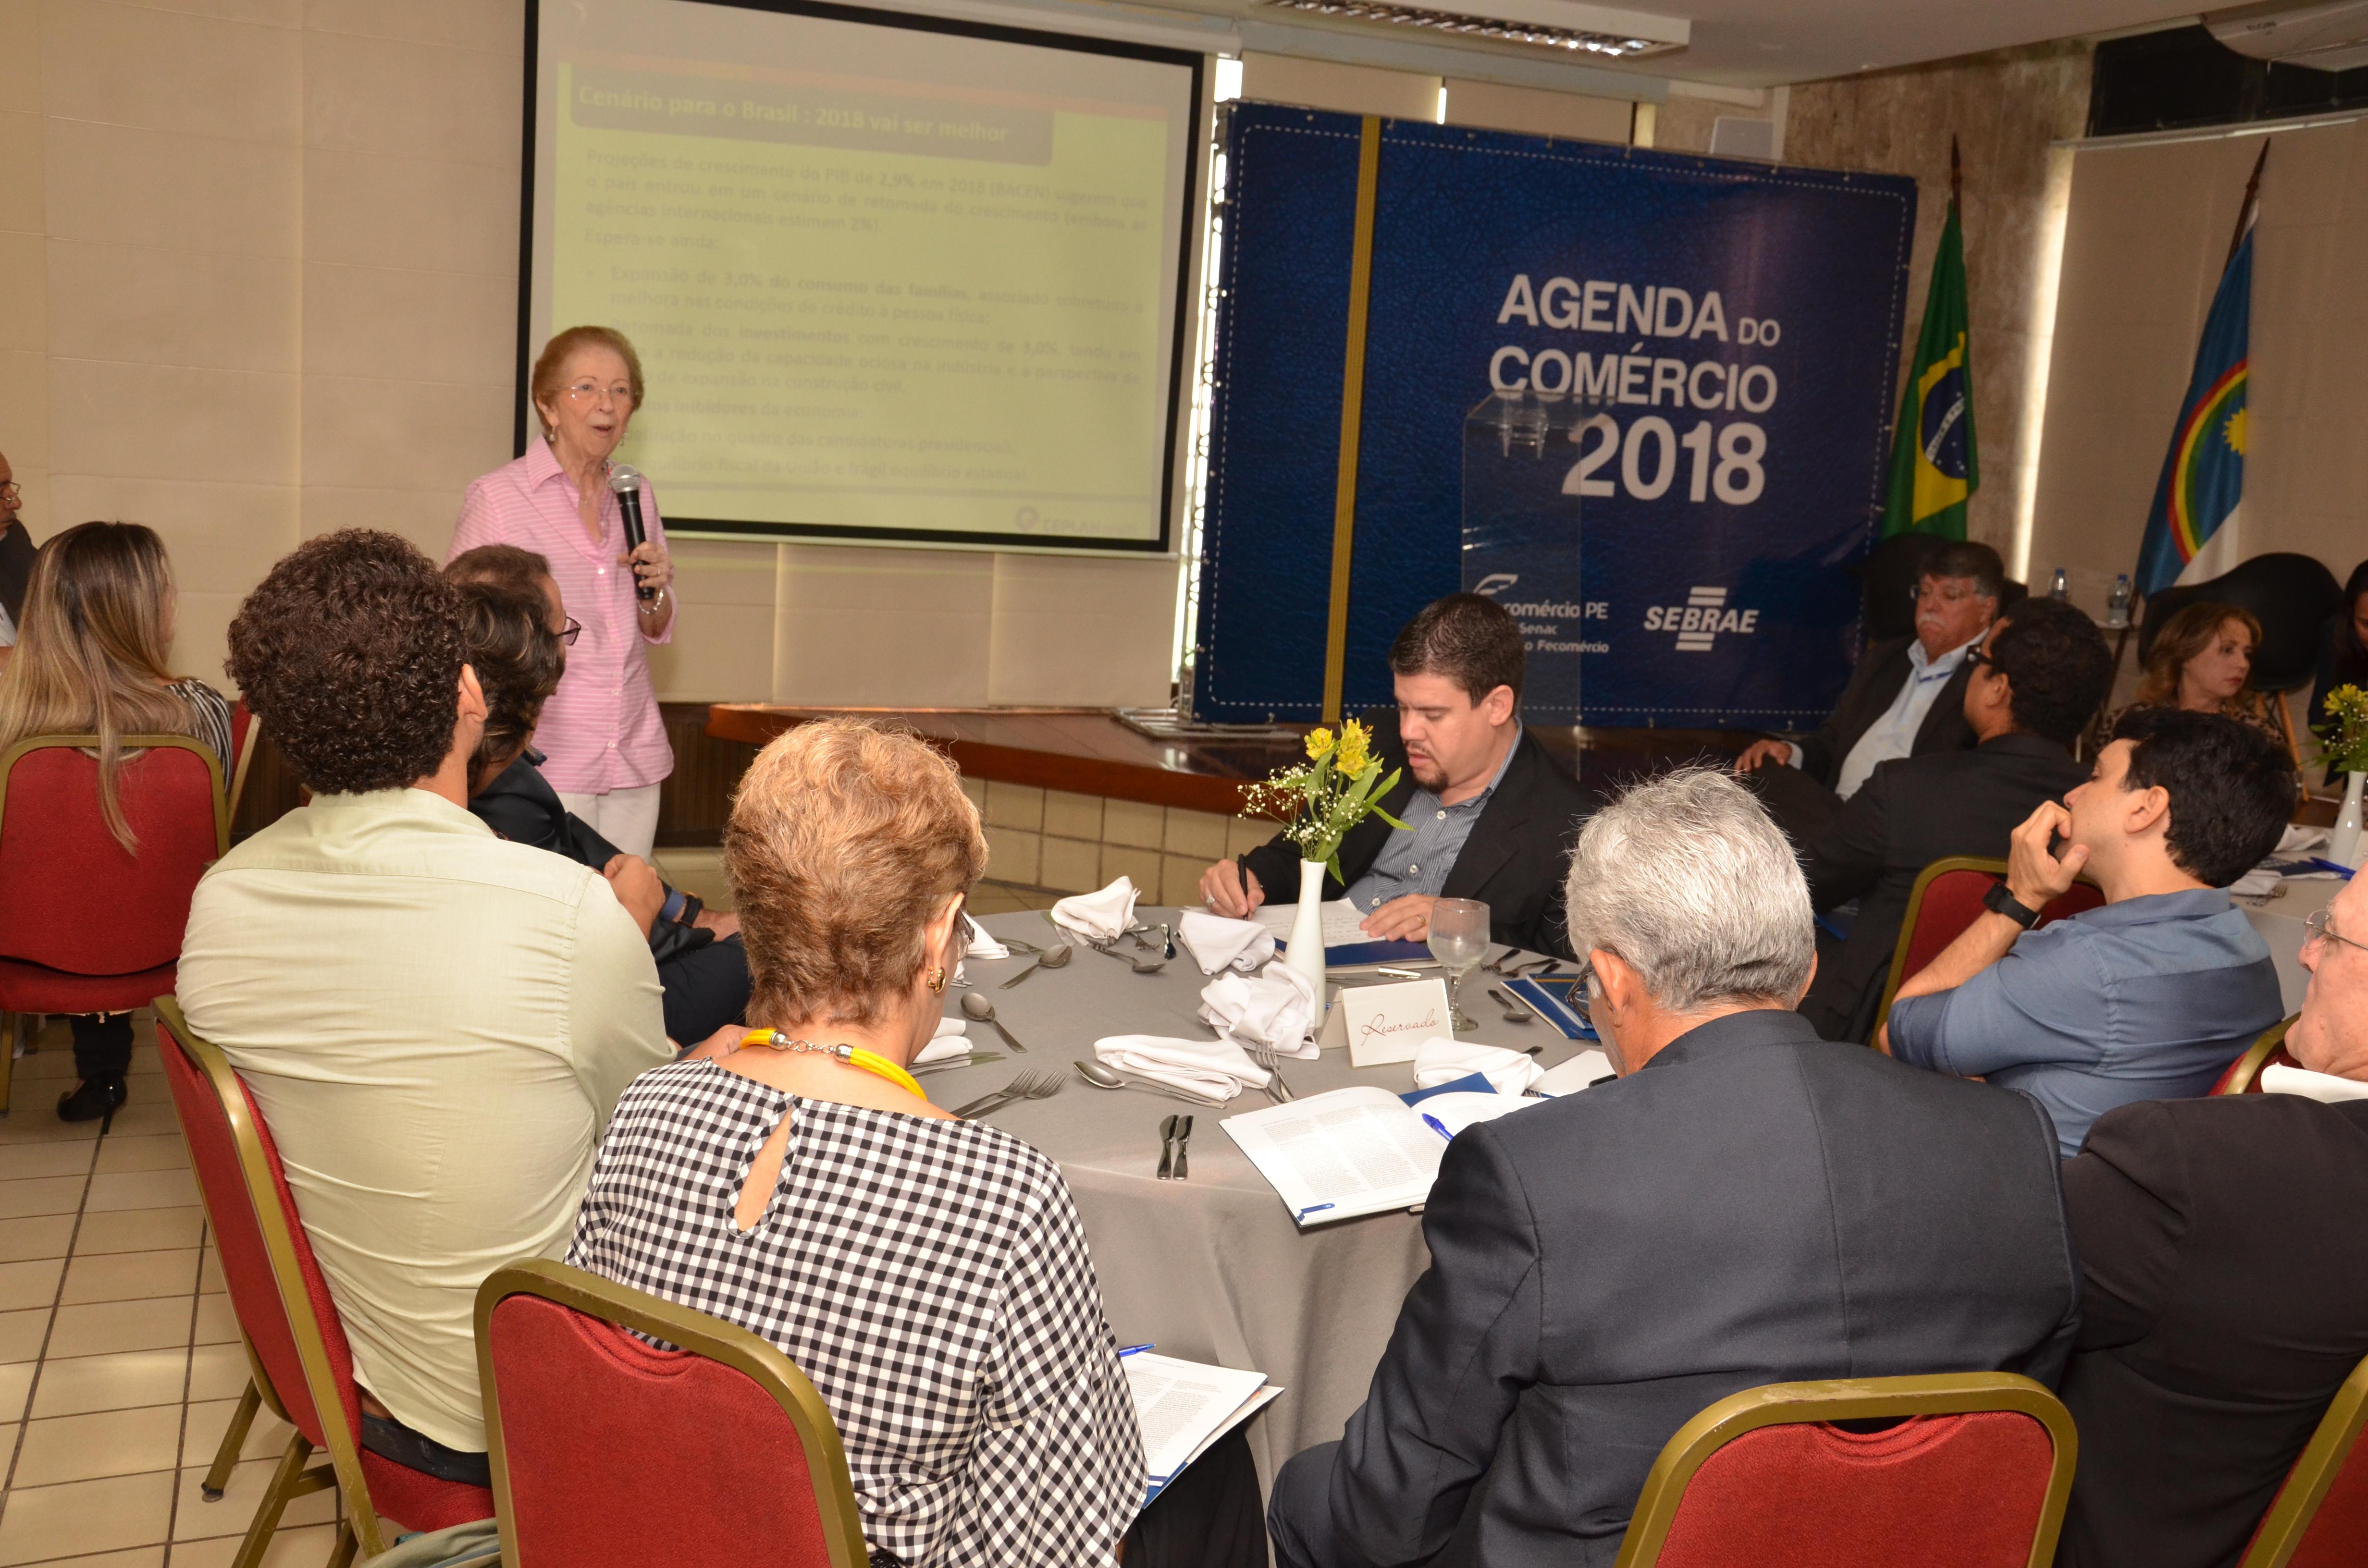 Fecom rcio pe lan a agenda do com rcio 2018 fecom rcio pe for Agenda pantone 2018